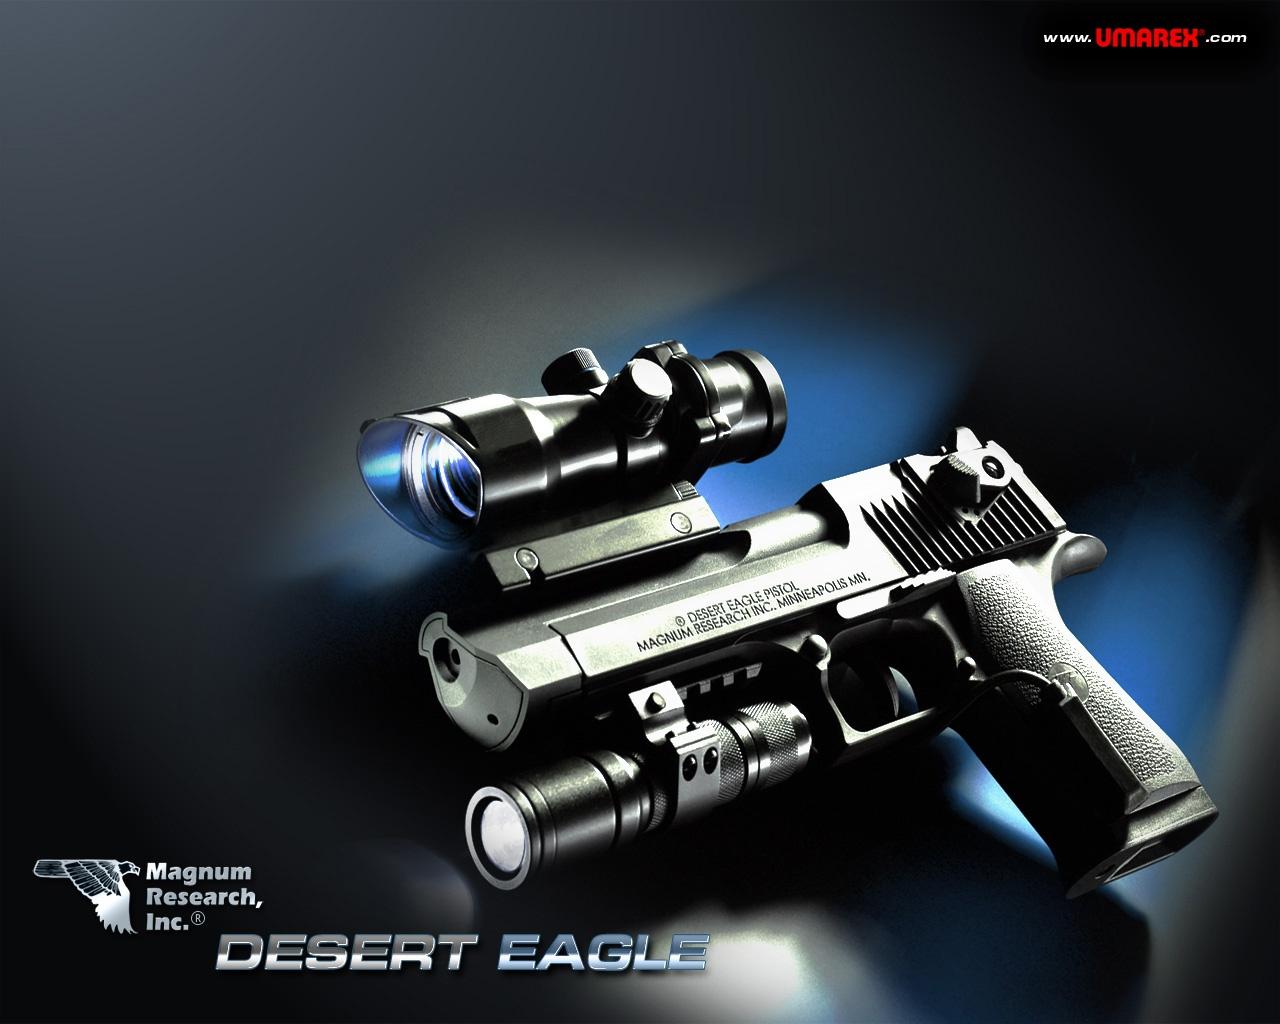 Wallpaper Backgrounds: Desert Eagle - Gun HD wallpapers